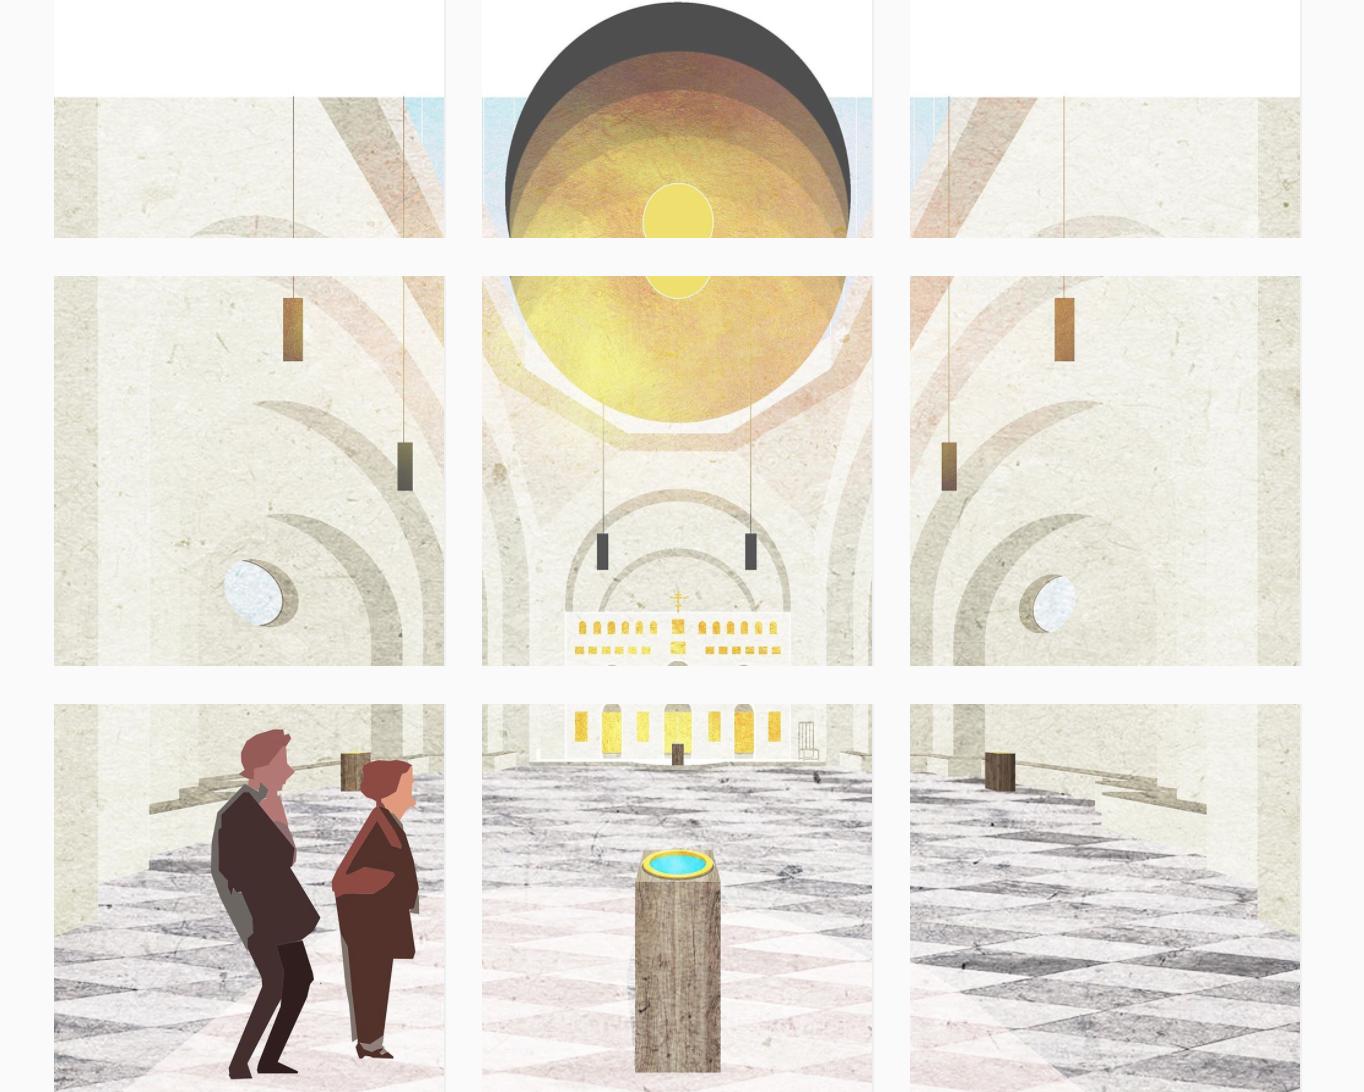 15 Architetti Famosi 21 profili instagram che insegnano come si fanno i disegni